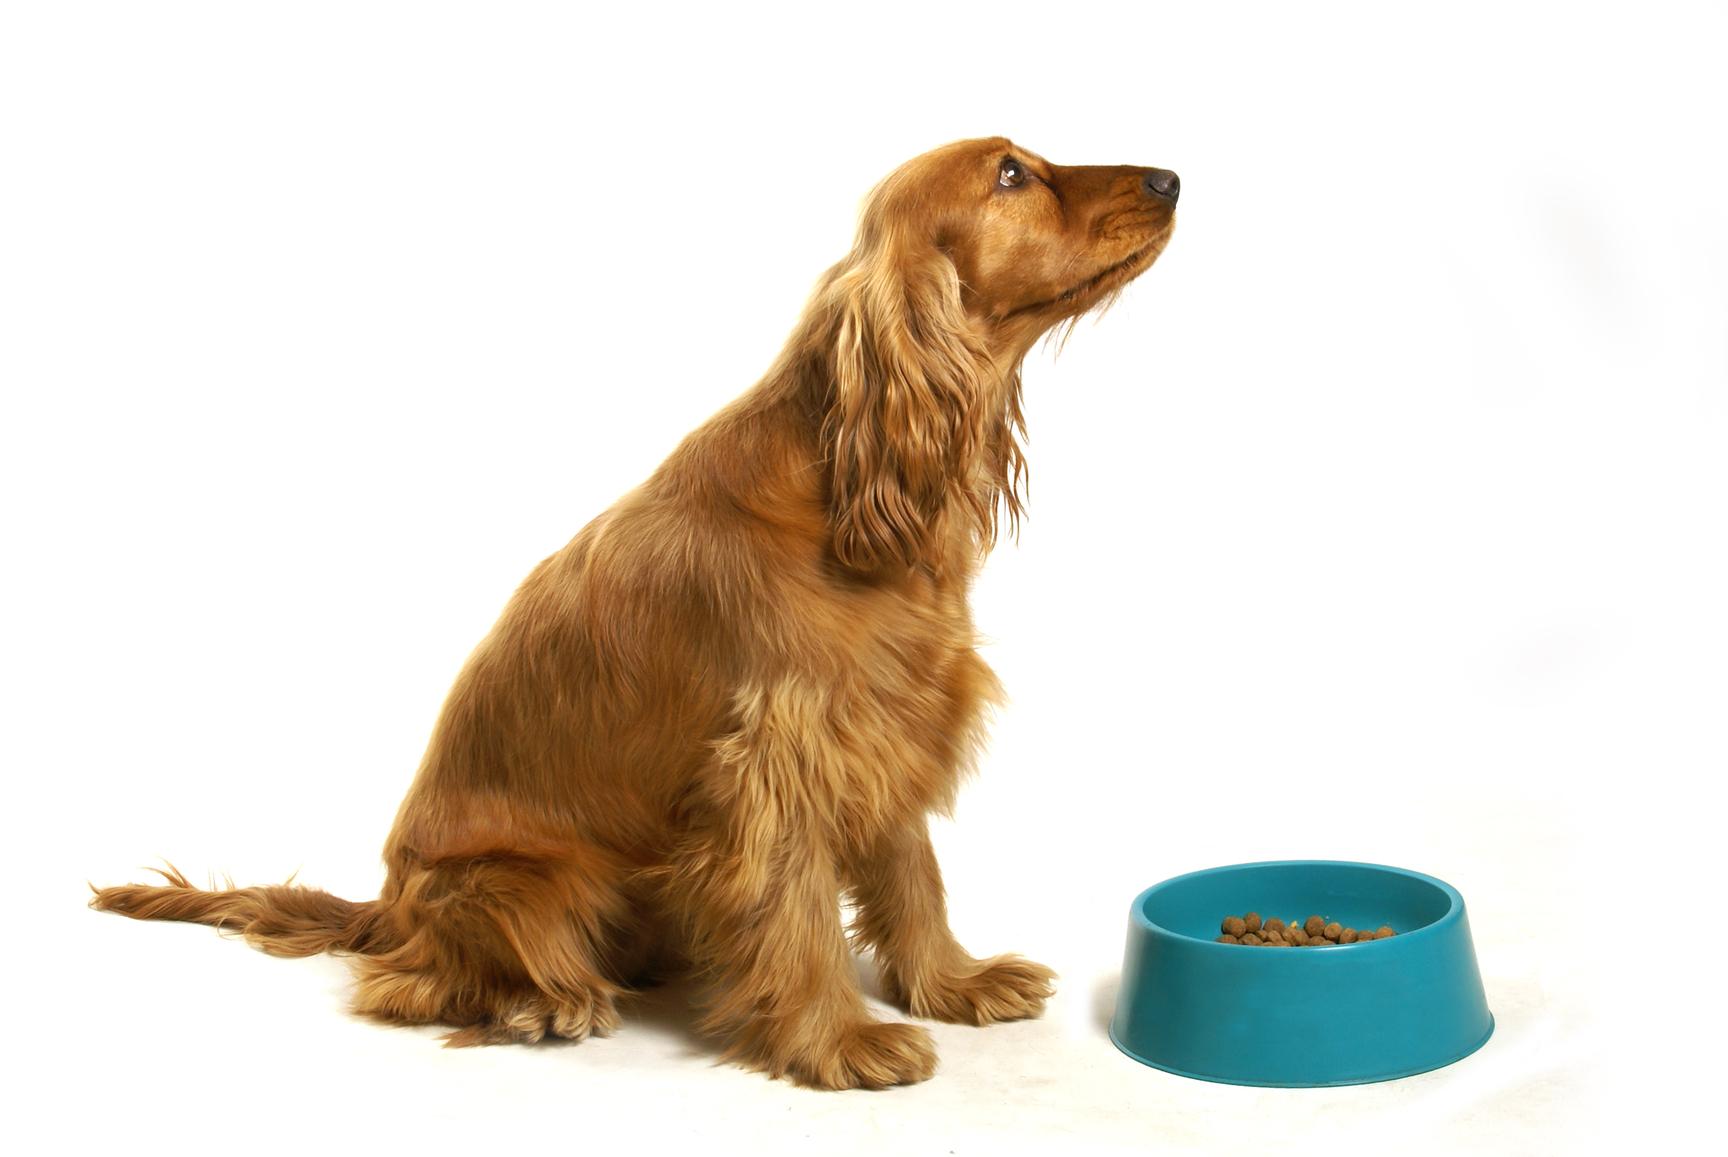 Alimentos para perros aptos y prohibidos recetas caseras para perros - Comida para cachorros de un mes ...